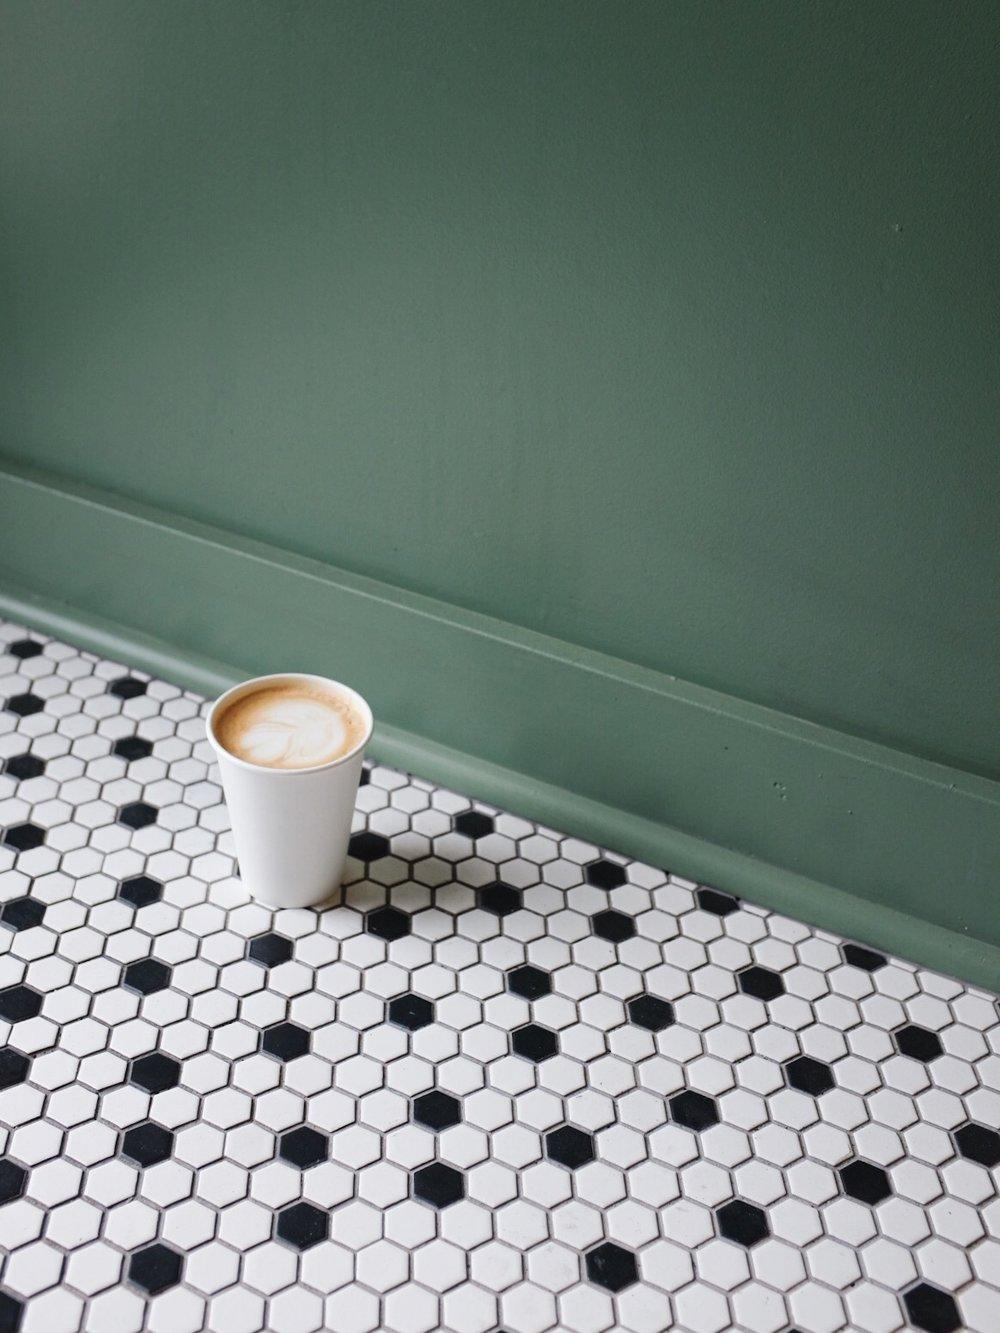 minimal coffee shot tiles